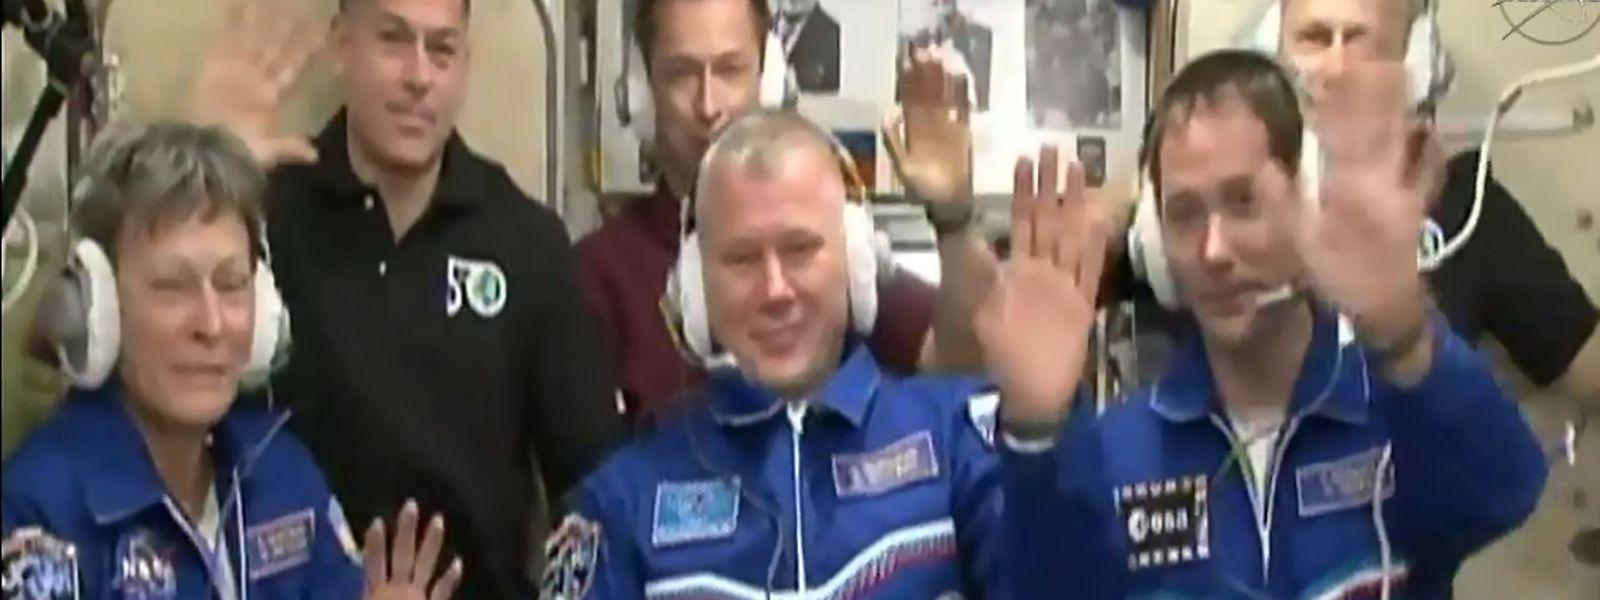 Gruß von der ISS-Raumstation auf die Erde.